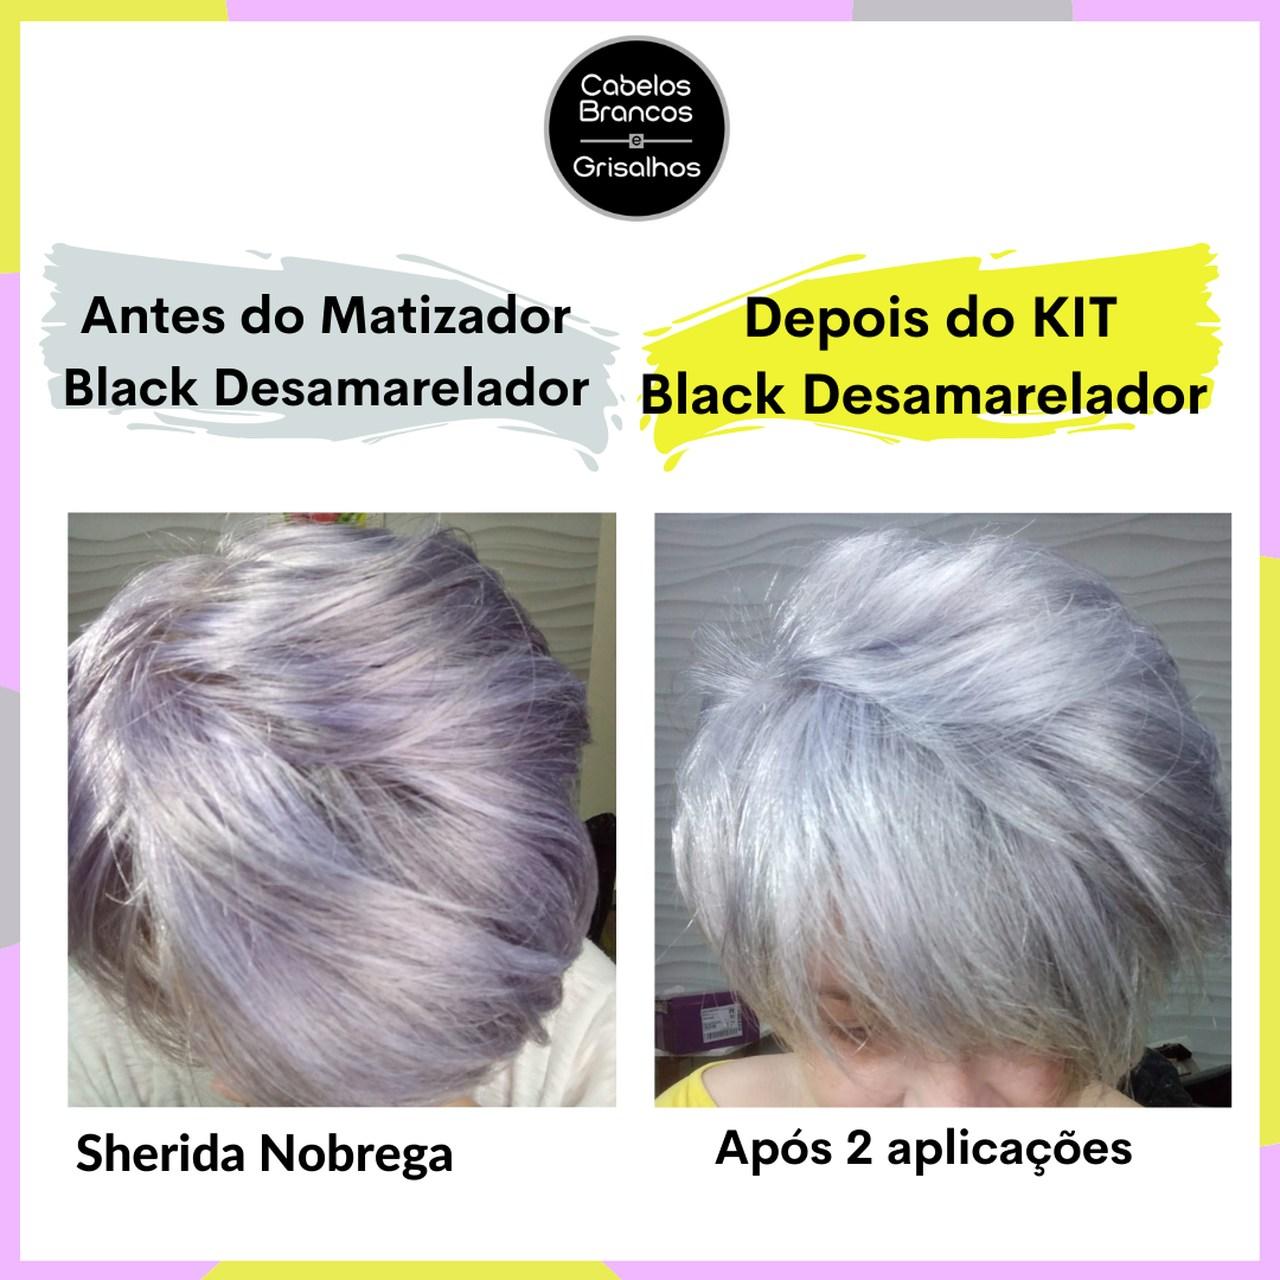 Shampoo, Condicionador, Matizador, Leave-in e Serum Desamarelador para Cabelos Brancos e Grisalhos - (Kit Black Desamarelador 5 passos)